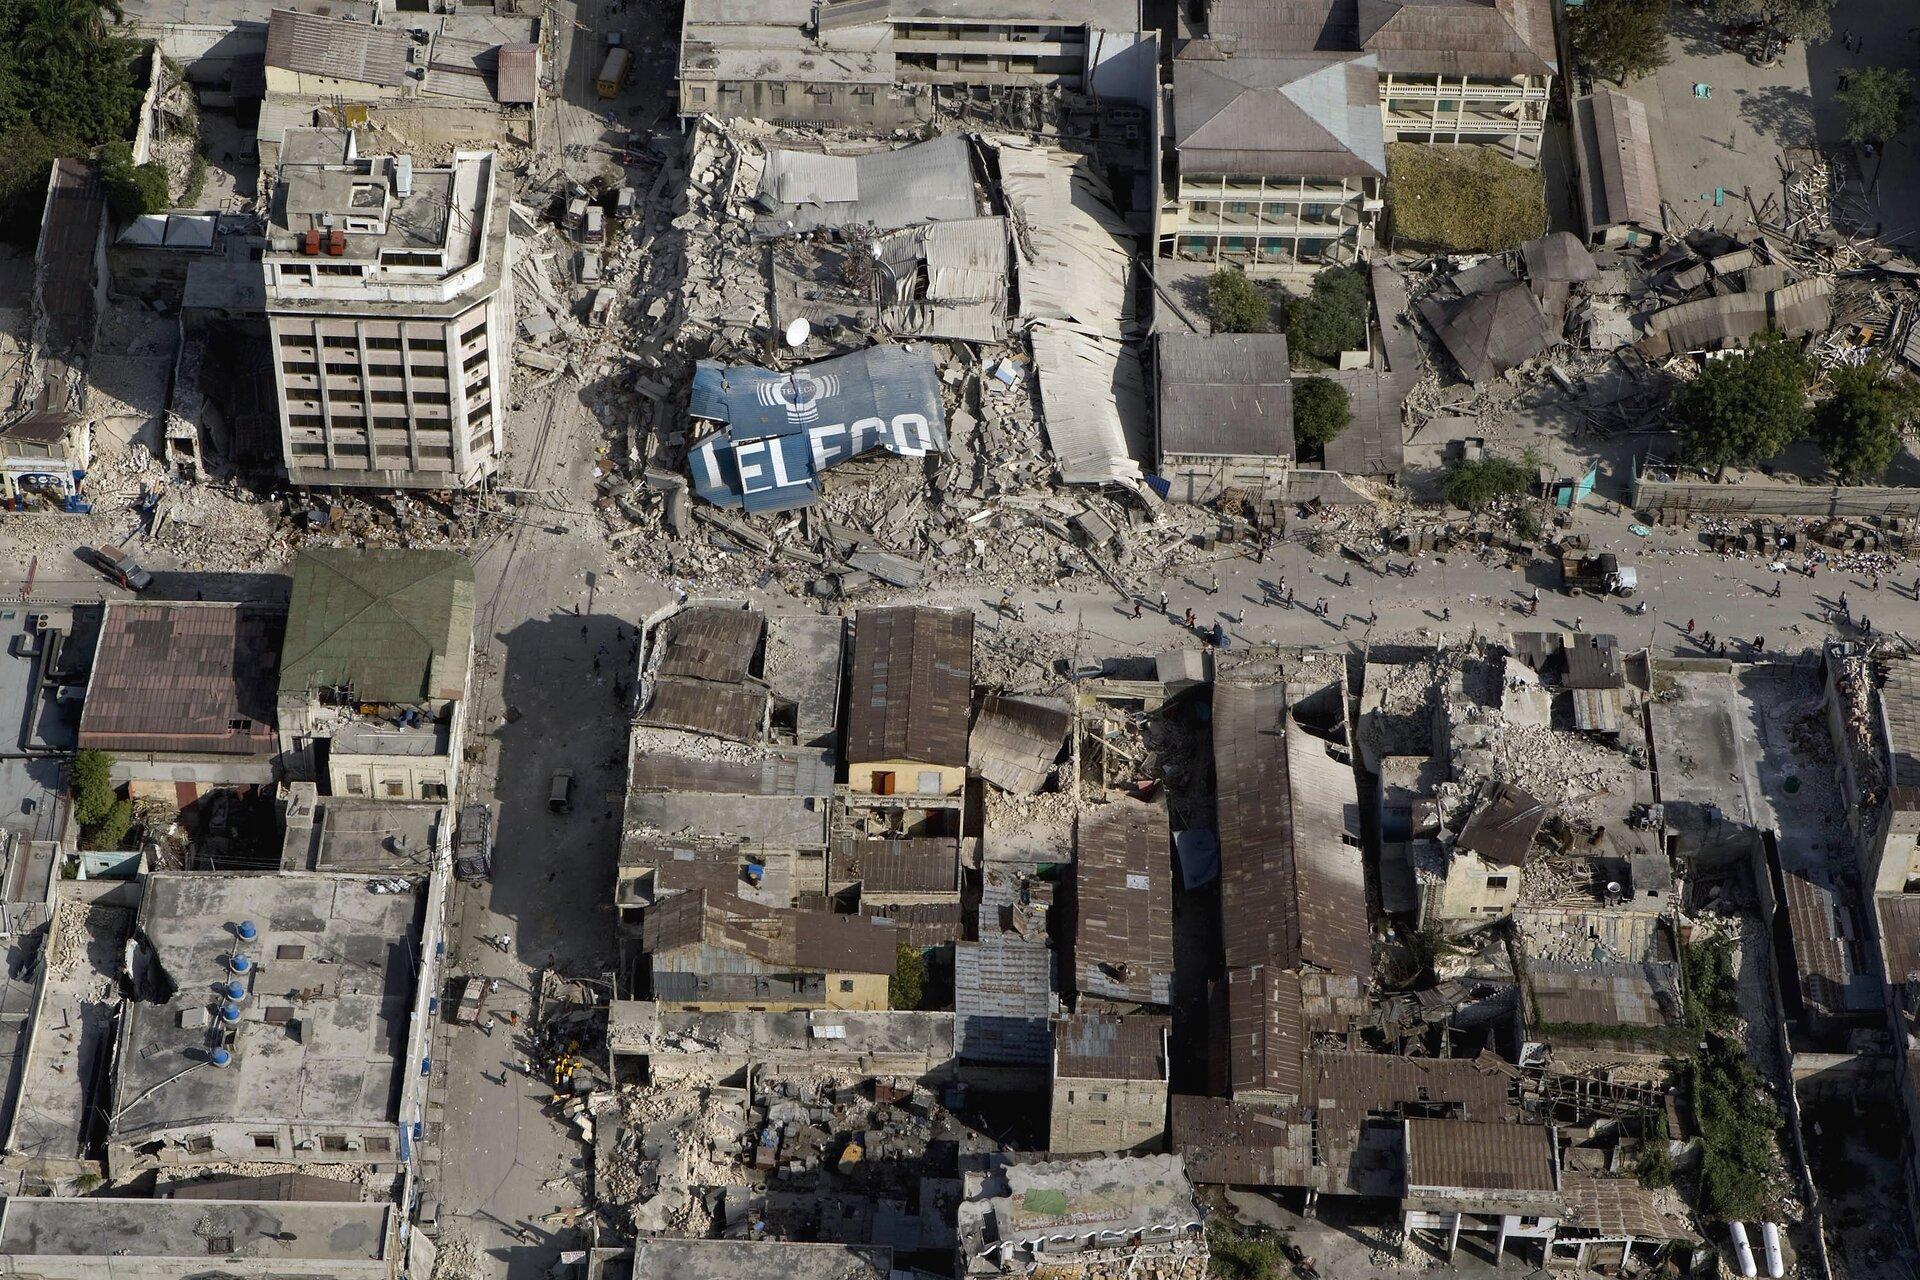 Zdjęcie przedstawia skutki trzęsienia ziemi oglądane zlotu ptaka. Słoneczny dzień, miasto Port-au-Prince, stolica Haiti w2010 roku. Całe zdjęcie zajmują ruiny budynków mieszkalnych po trzęsieniu ziemi. Wpołowie zdjęcia, główna ulica sięga lewej iprawej krawędzi zdjęcia. Na ulicy mieszkańcy miasta. Wzdłuż ulicy, udołu zdjęcia oraz zprawej strony również ugóry, brązowe blaszane dachy ocalałych domów. Ulica częściowo zasypana gruzem zniszczonych budynków wcentrum kadru. Wdolnej połowie zdjęcia budynki są niskie. Wgórnej części zdjęcia ocalałe budynki to bloki mające po pięć lub sześć pięter. Ściany betonowych bloków białe bez widocznych pęknięć.